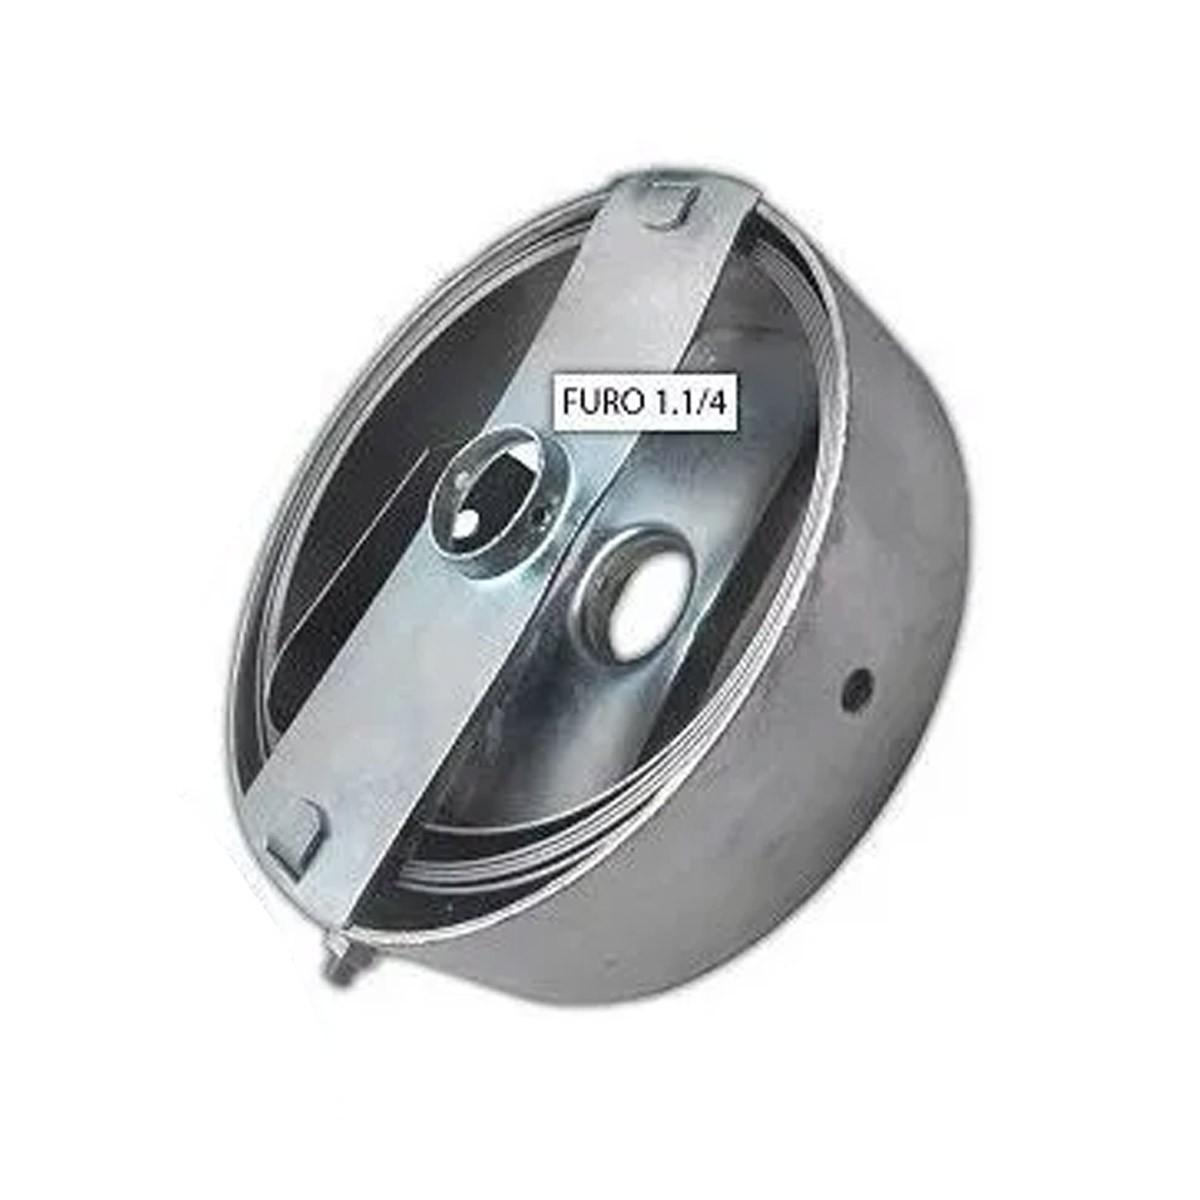 01 Mola Porta De Aço Enrolar 5.0 Metros Furo 1.1/4